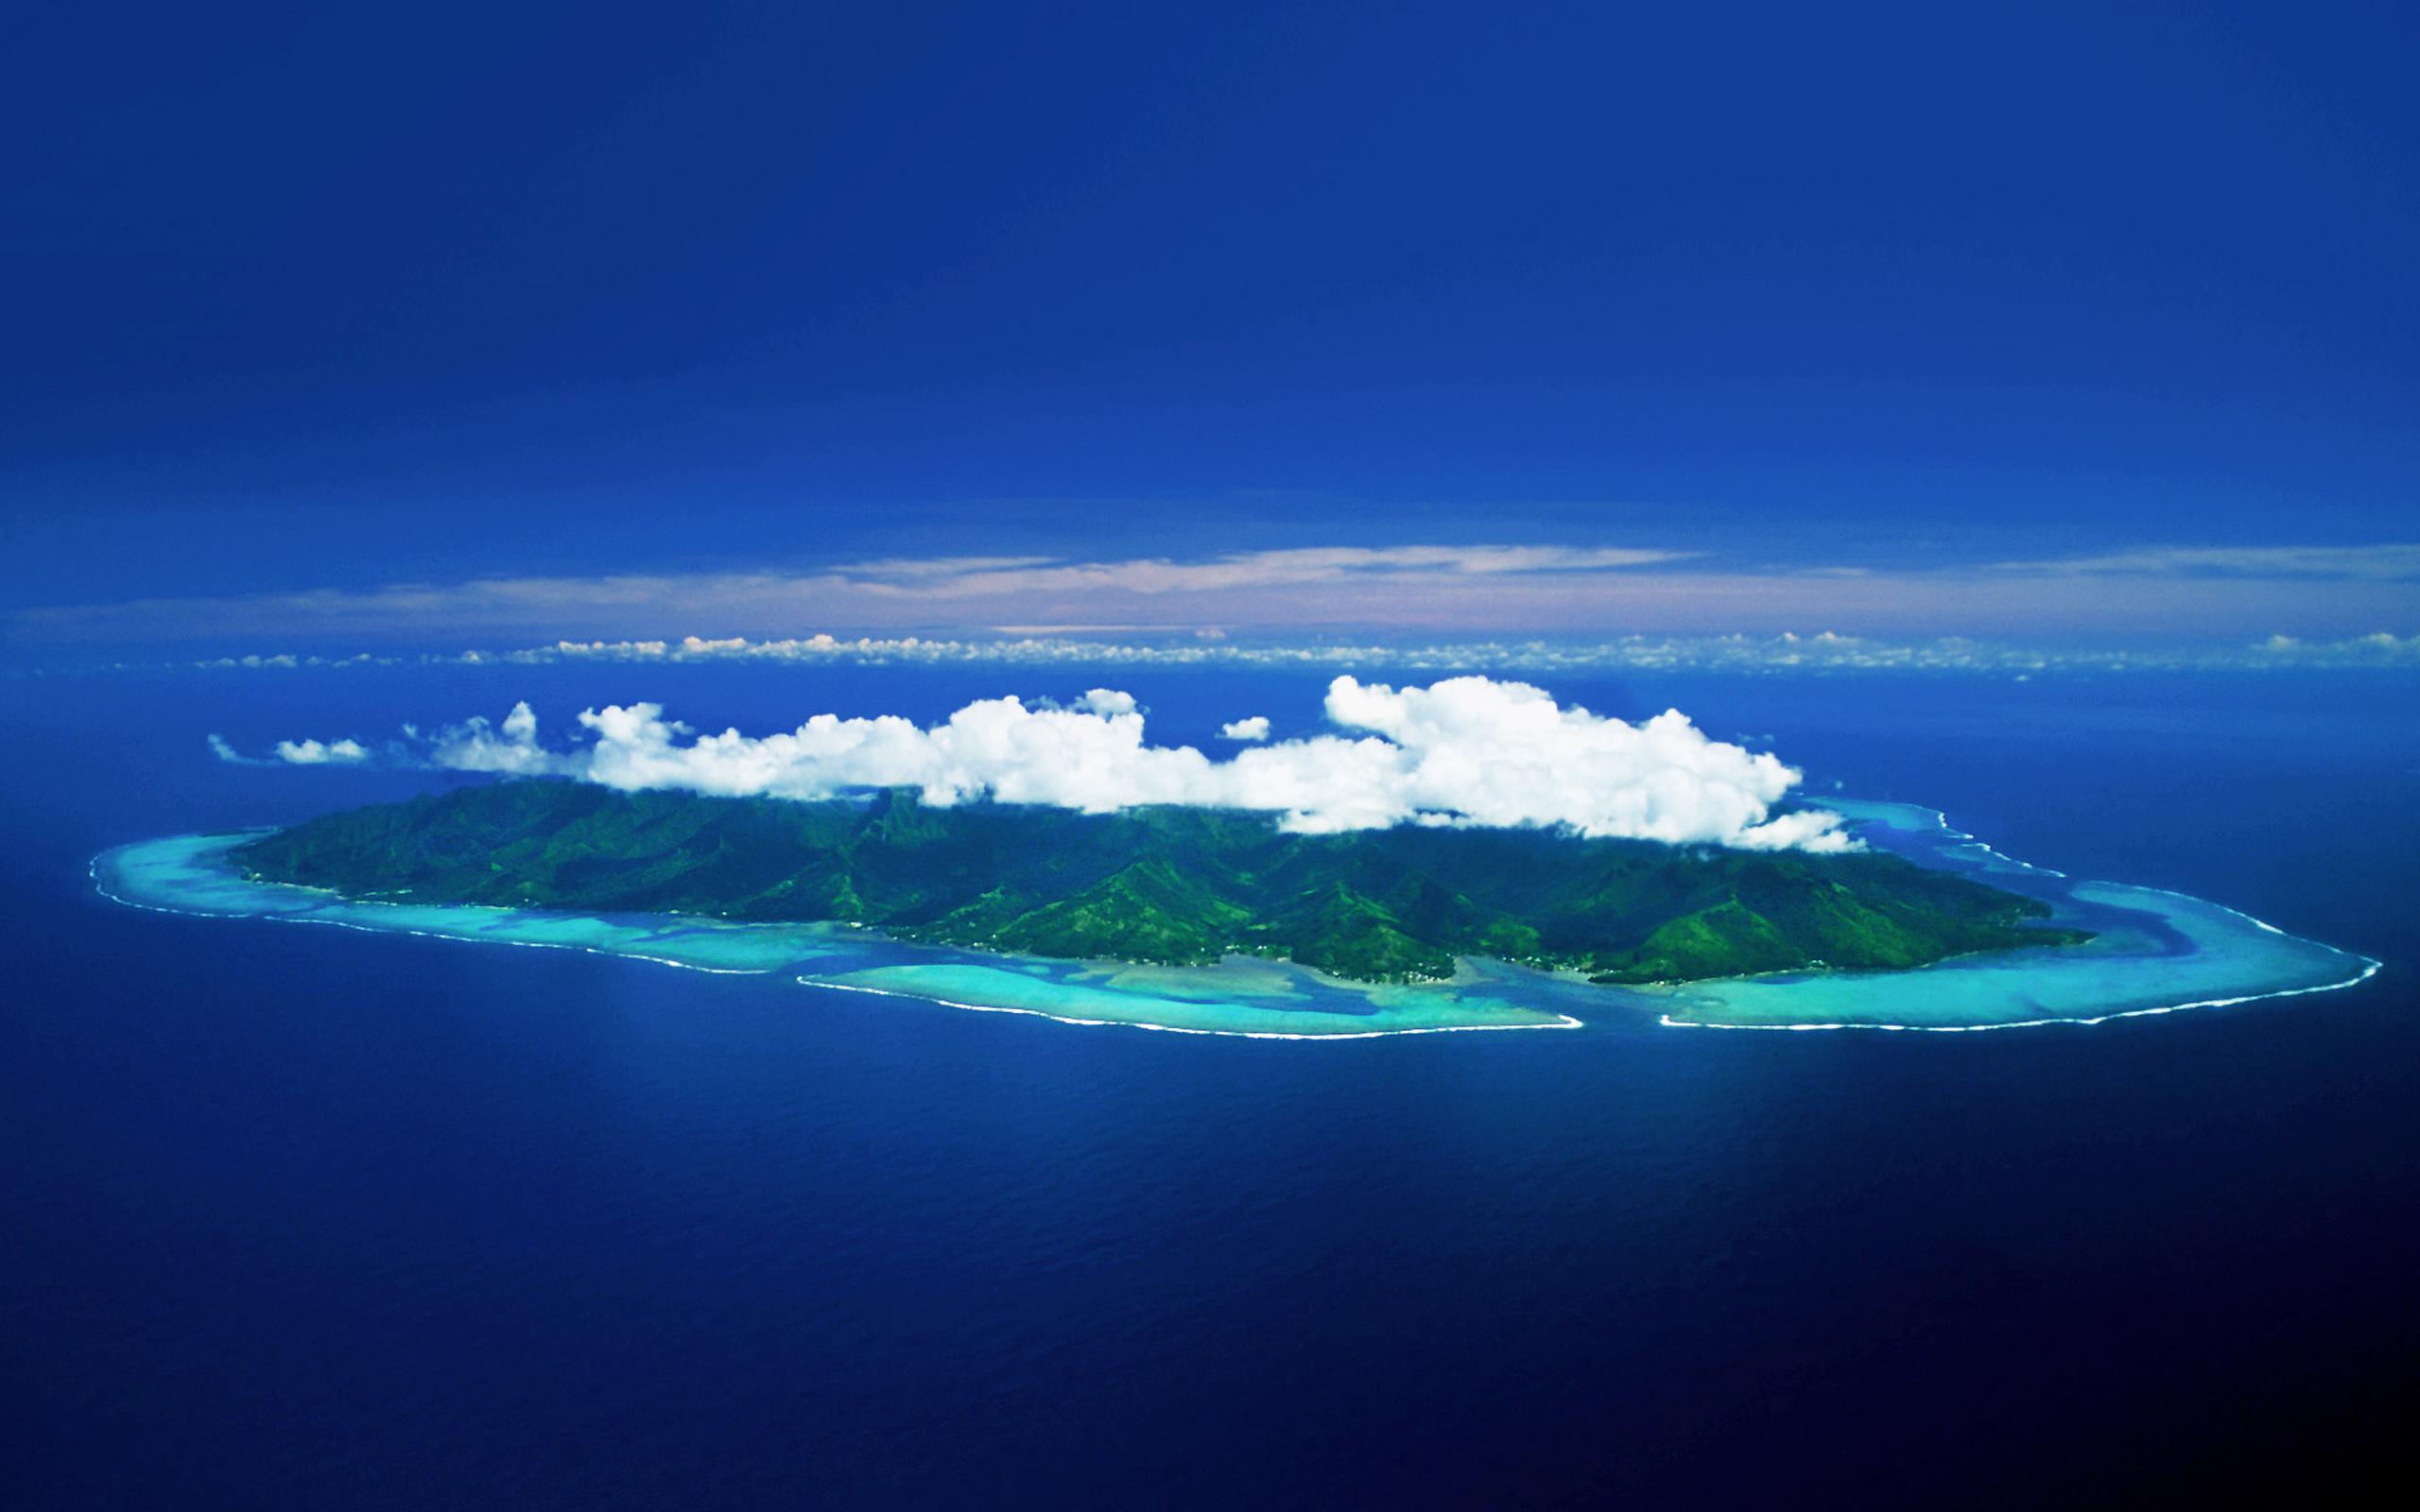 магазин картинки острова в океане на рабочий стол пост одной